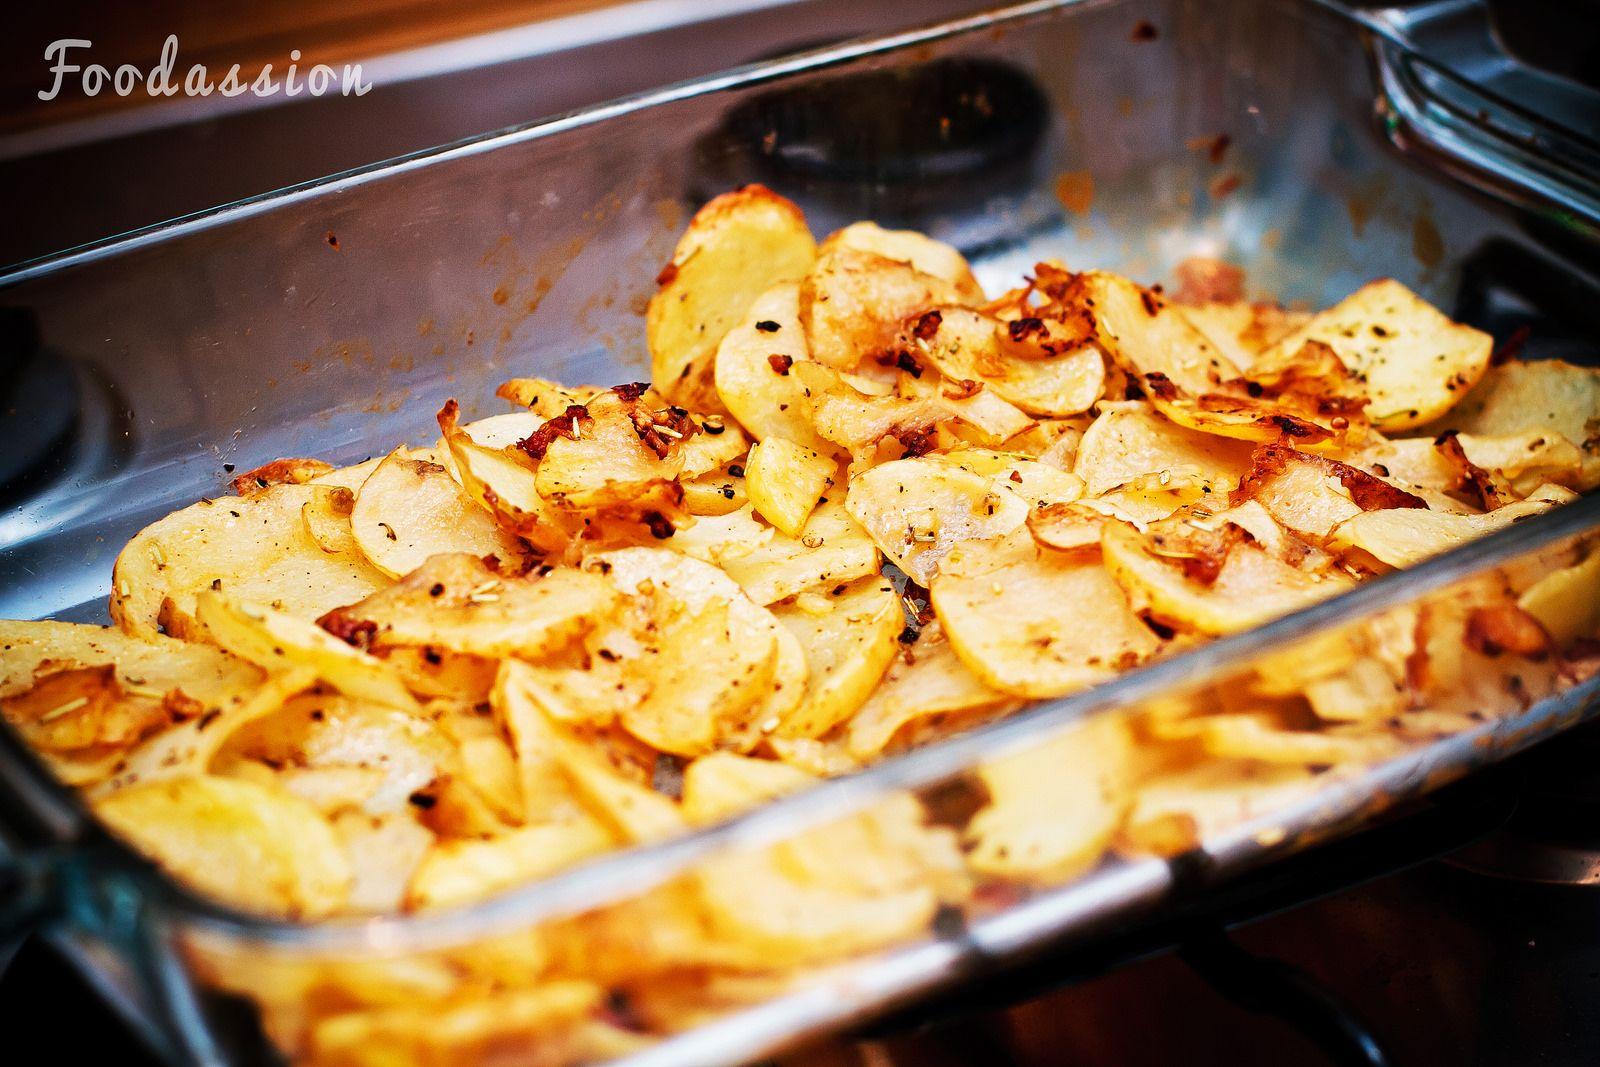 Raakapaistetut perunat